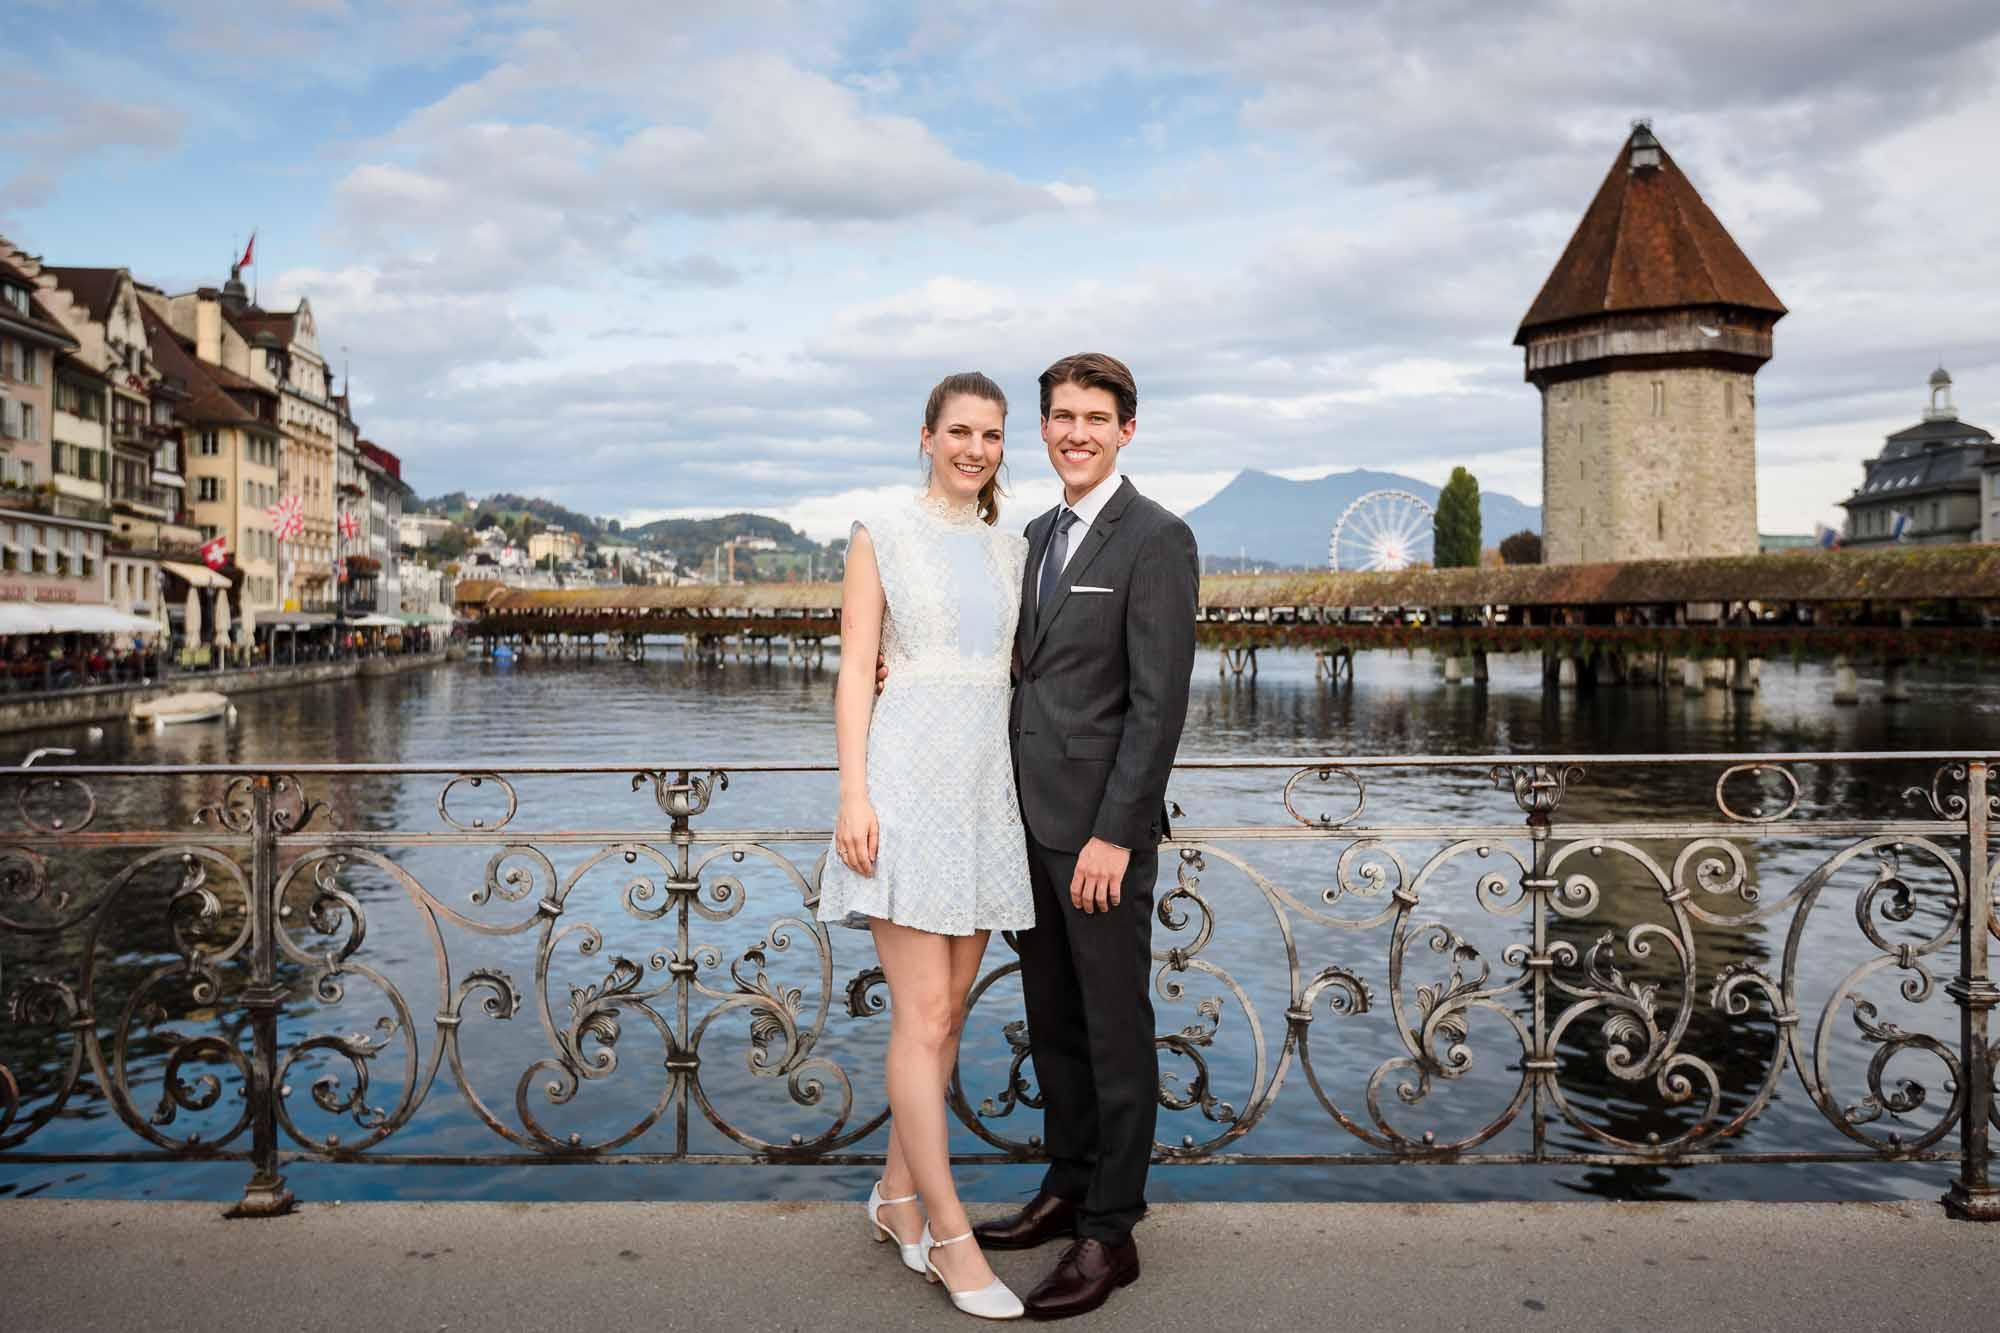 Brautpaar mit Kappeler-Brücke im Hintergrund